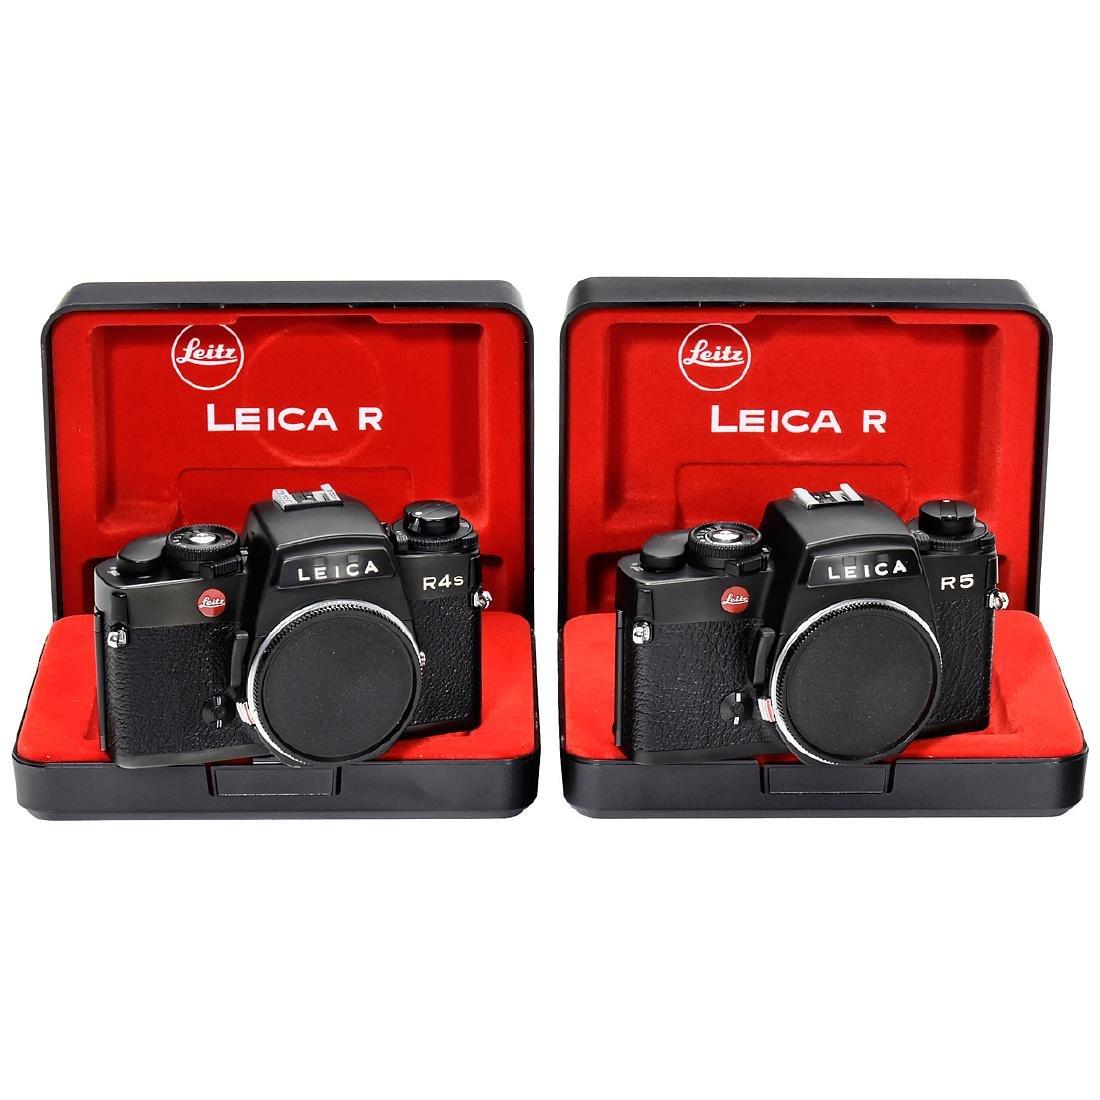 Leicaflex SL, Leica R4, R4S and R5 - 3